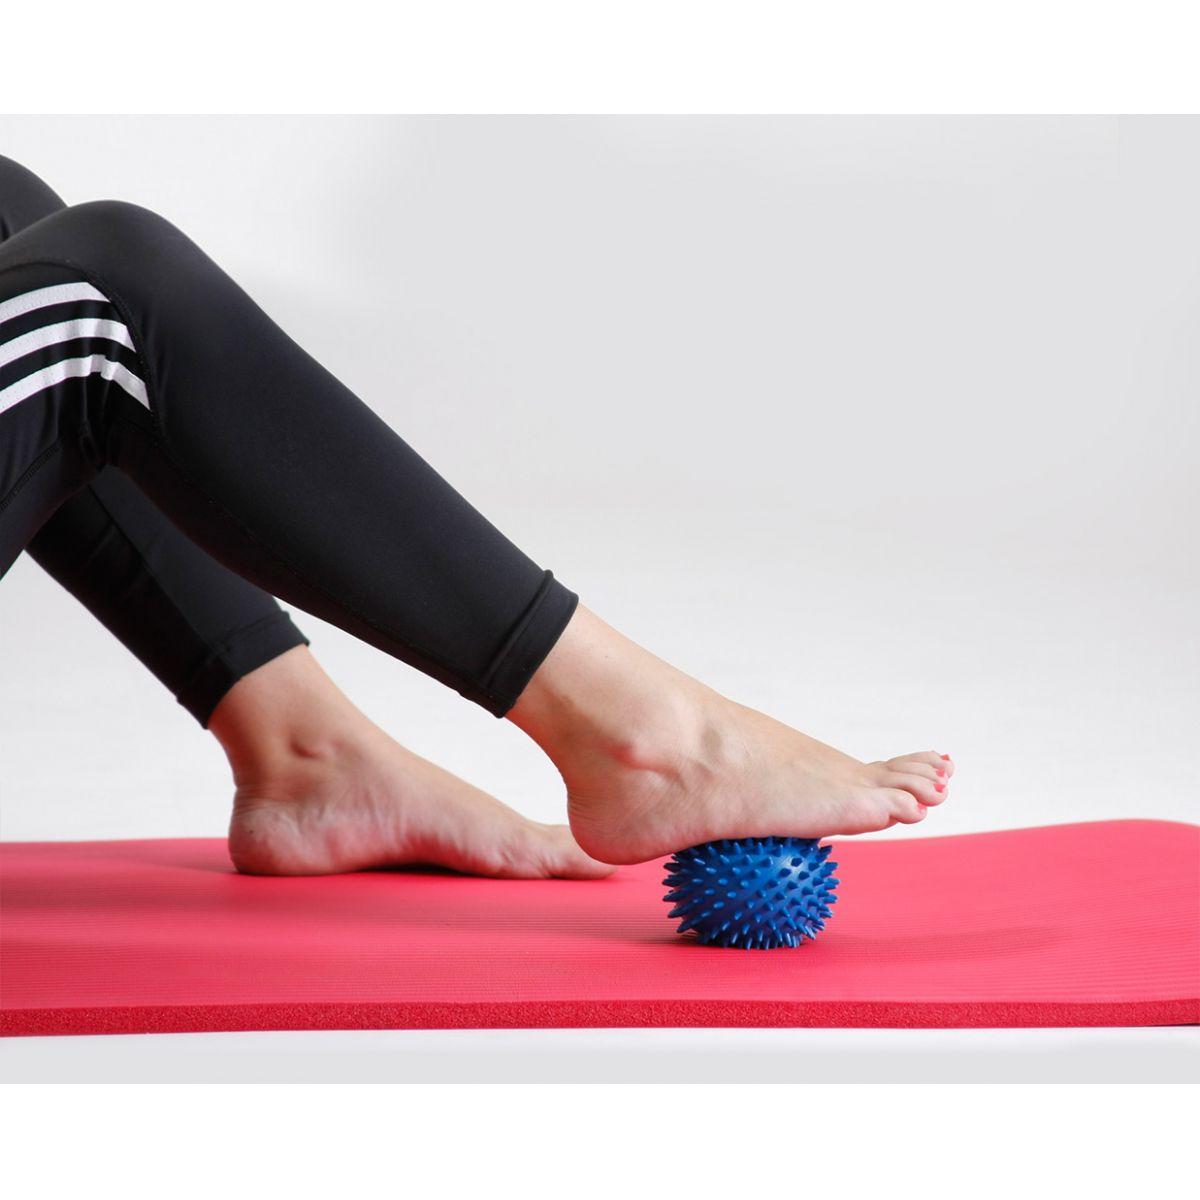 Bola para massagem Point Ball 08cm - dura com cravos - PBD.08